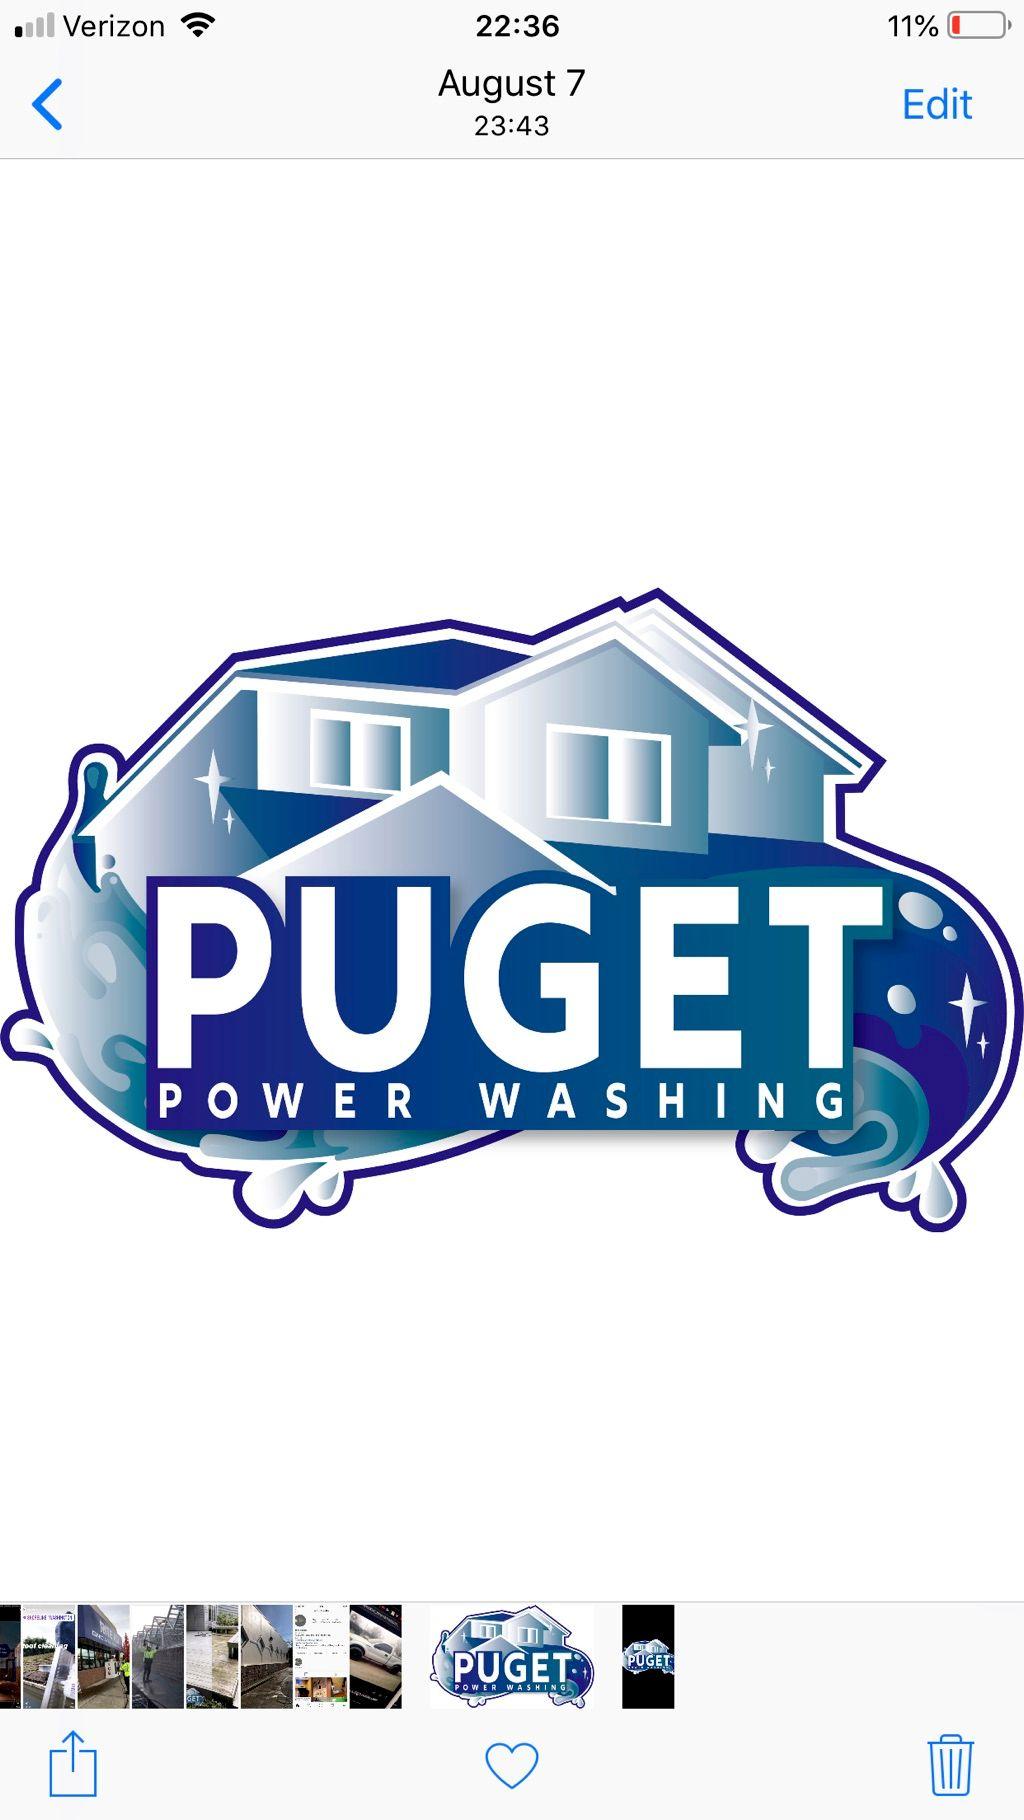 Puget Power Washing LLC